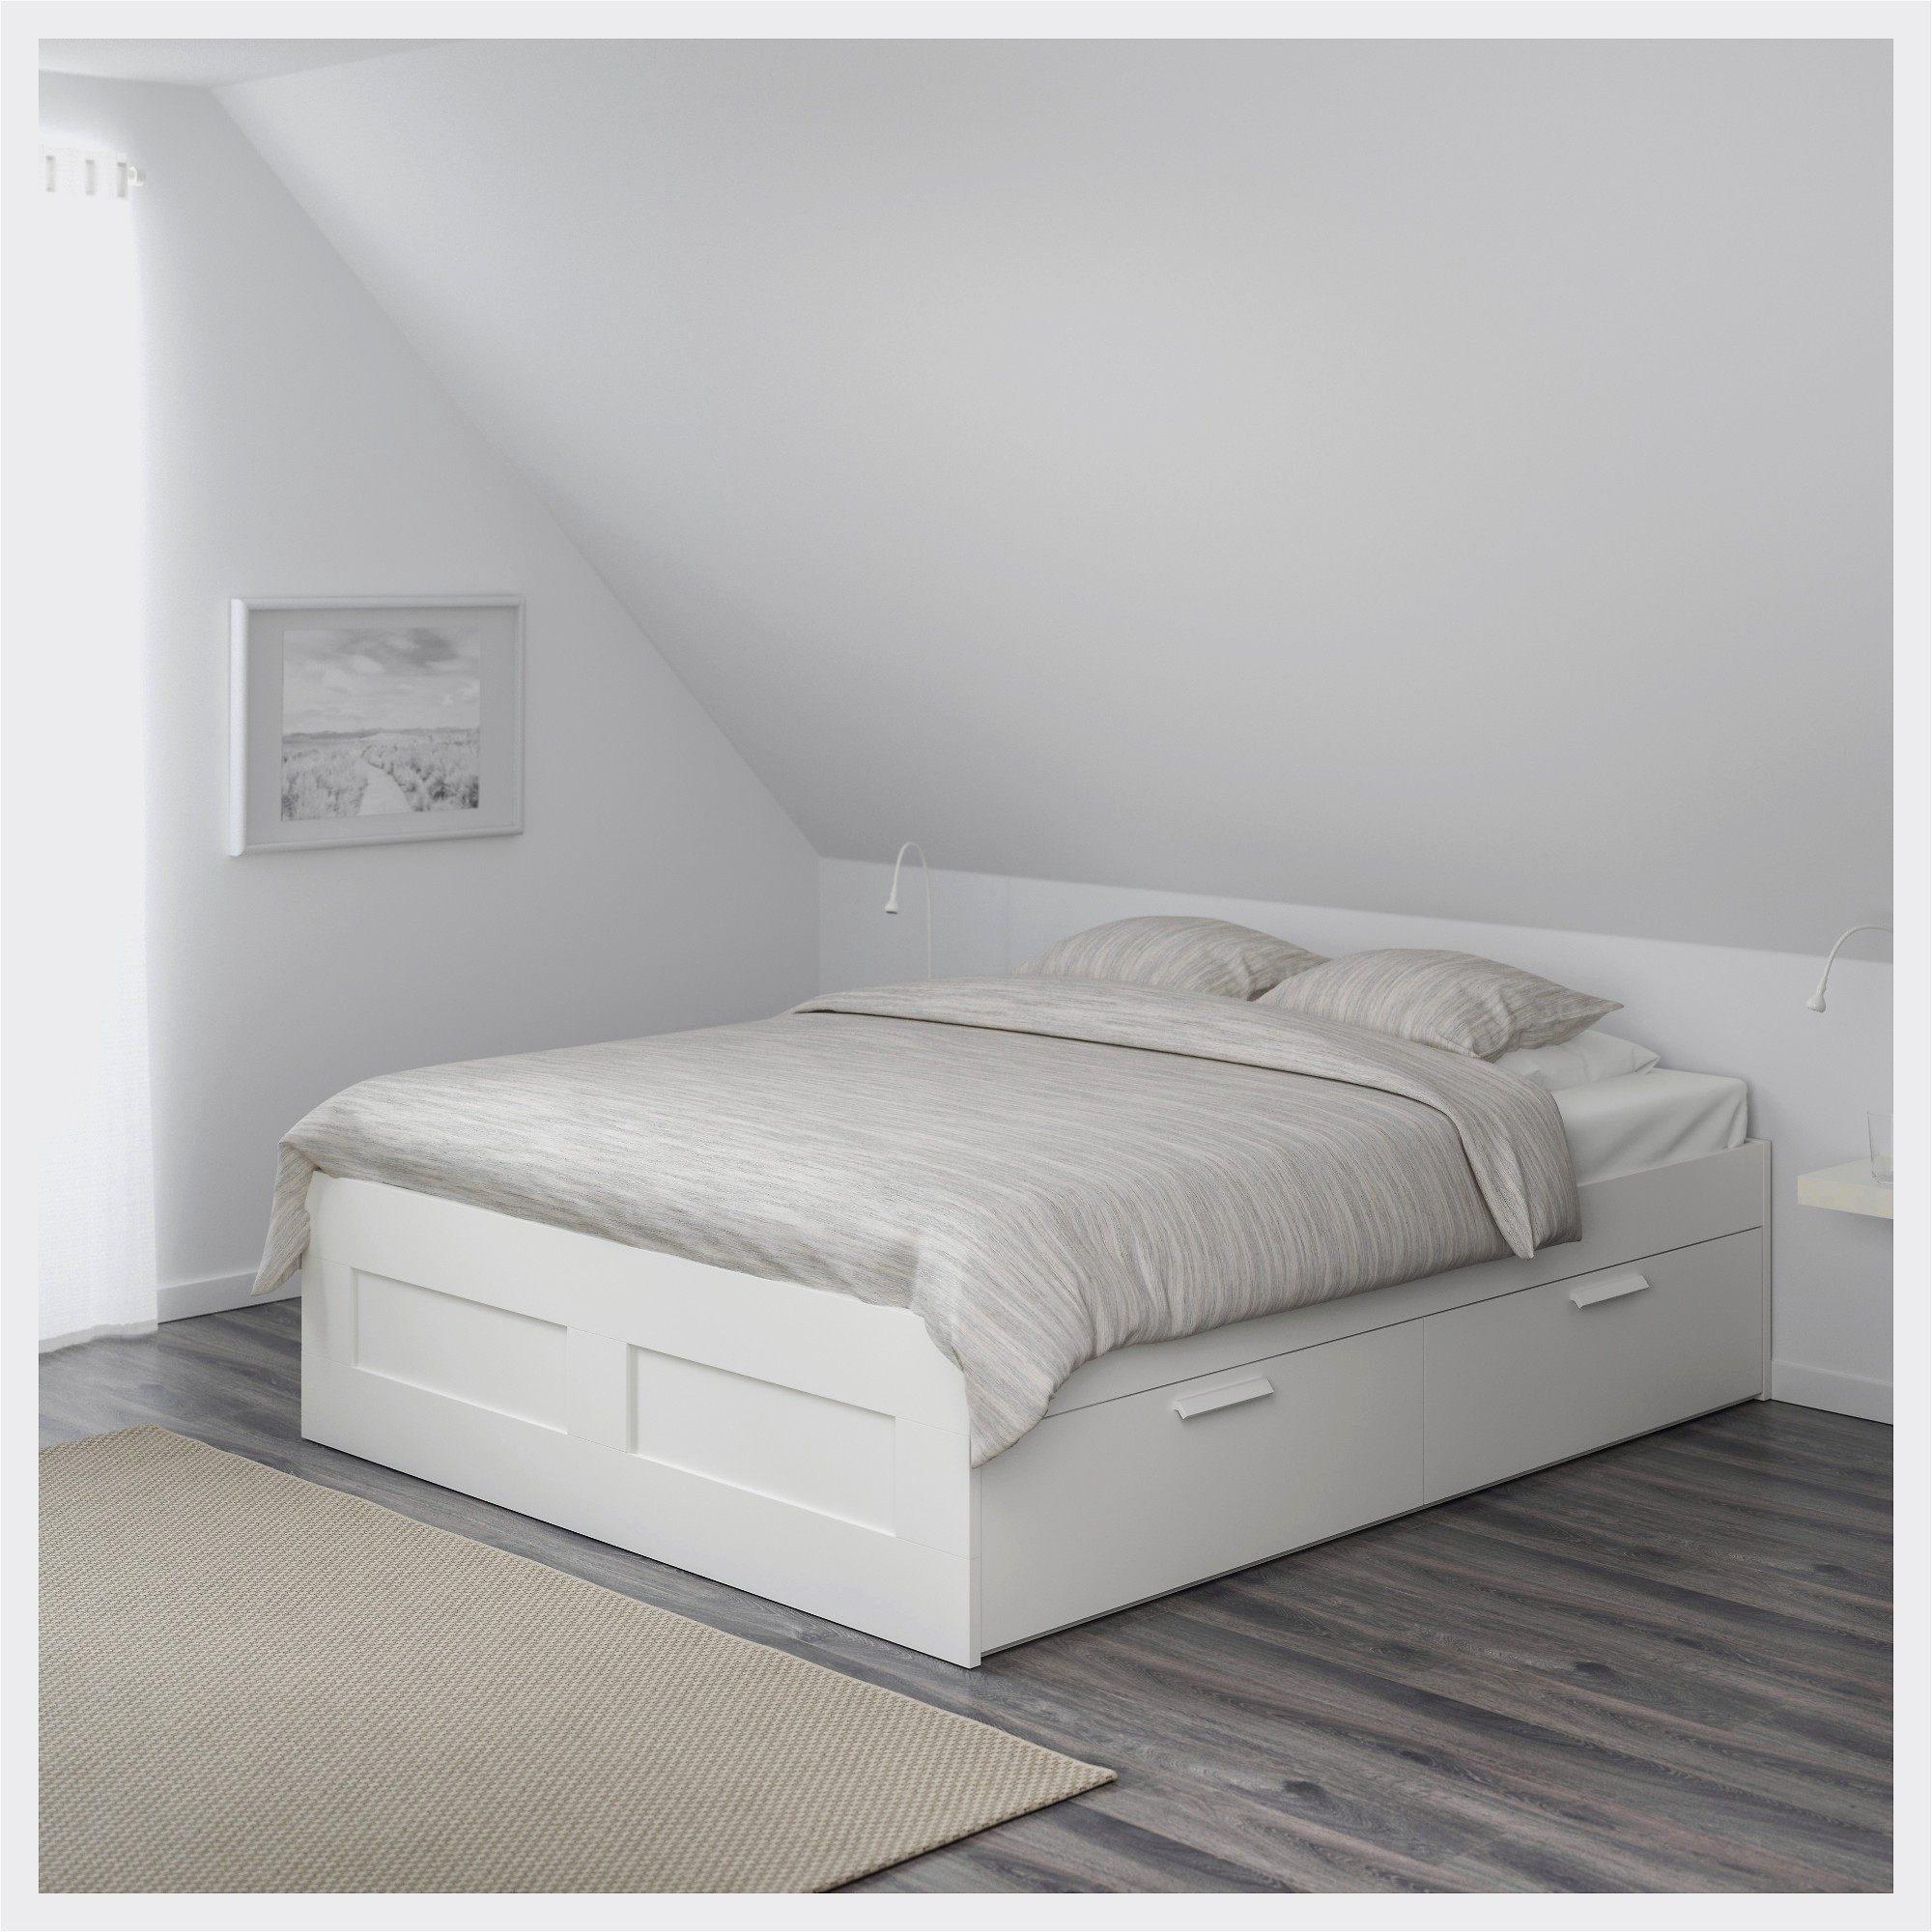 Lit 160x200 Avec Chevet Integre De Luxe Tªte De Lit 160 Avec Rangement Lit Avec Chevet Intégré Ikea